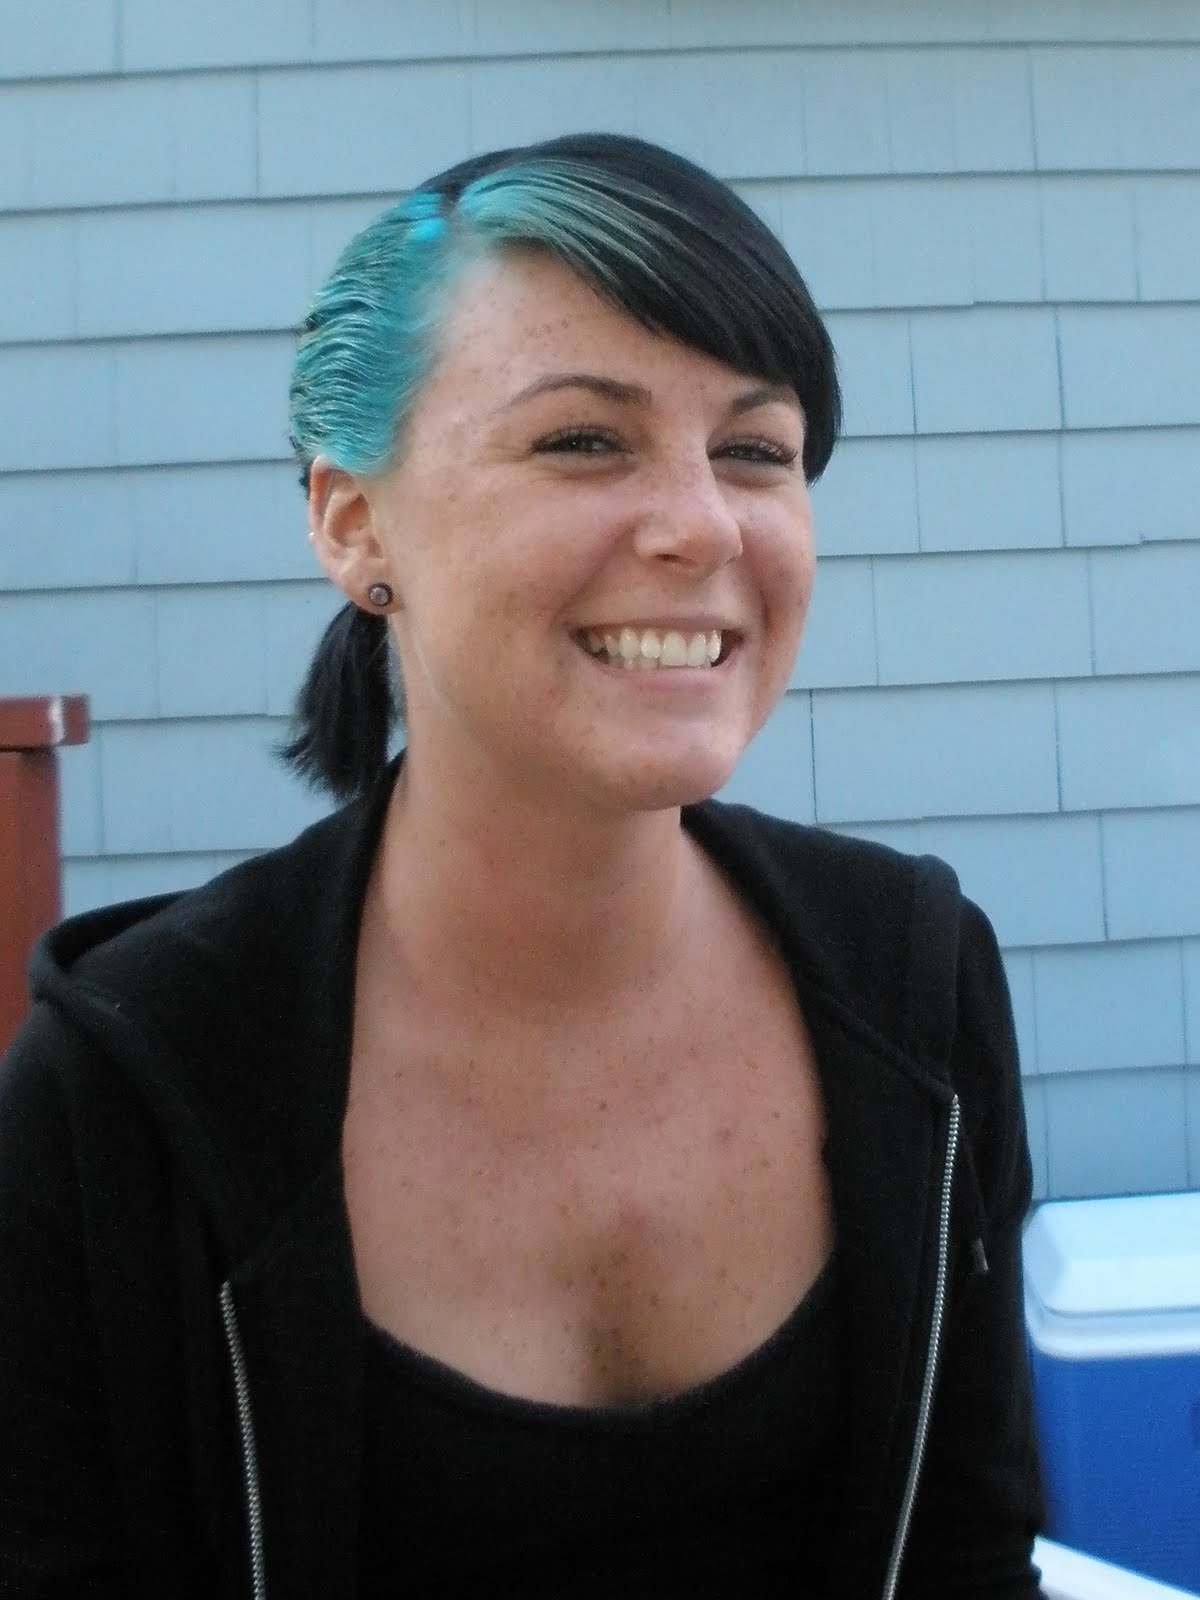 Hair Straightening May 2010